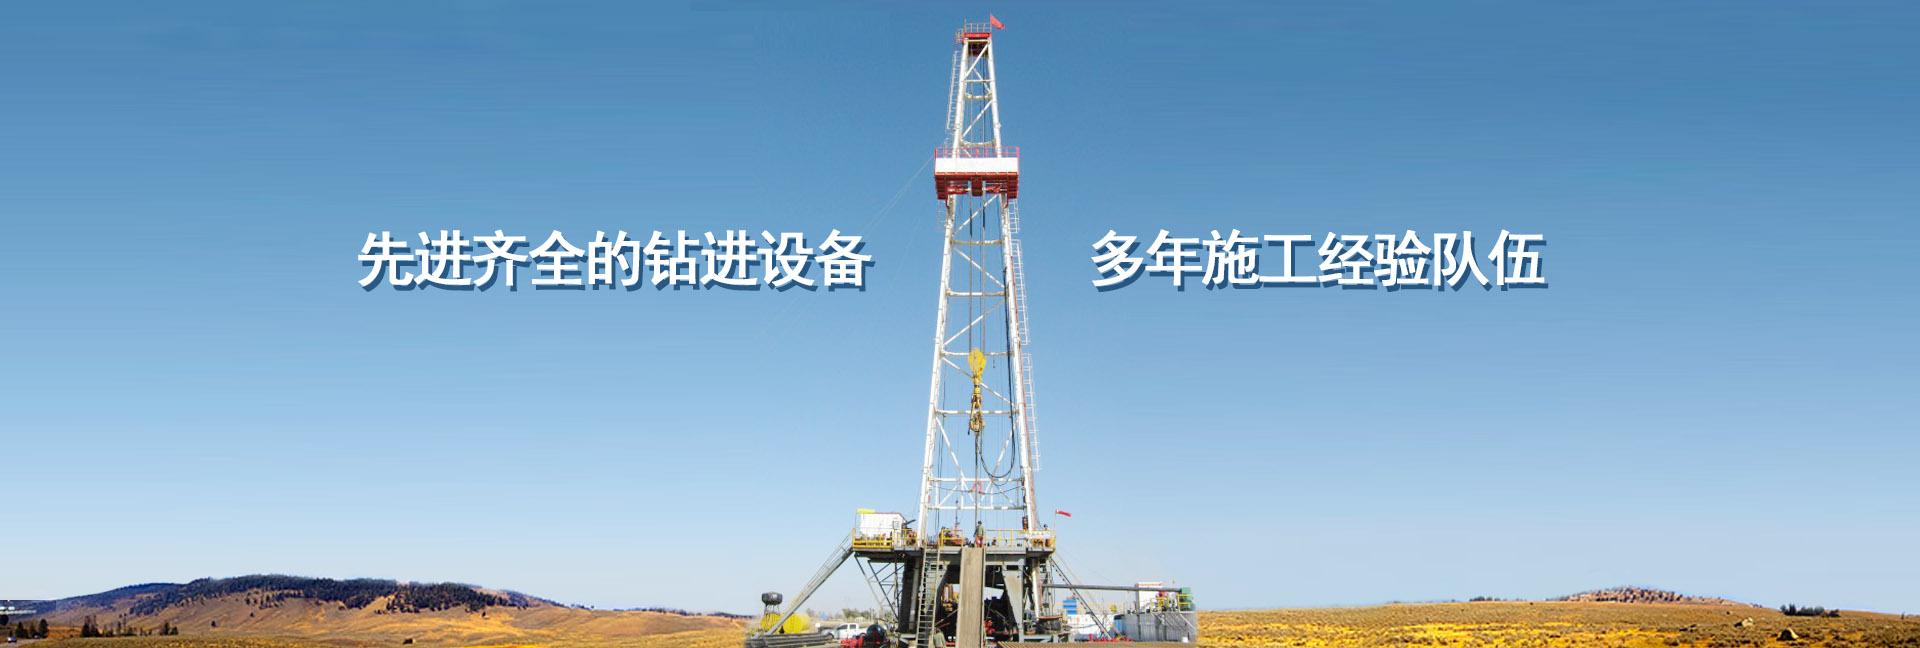 广西钻井工程